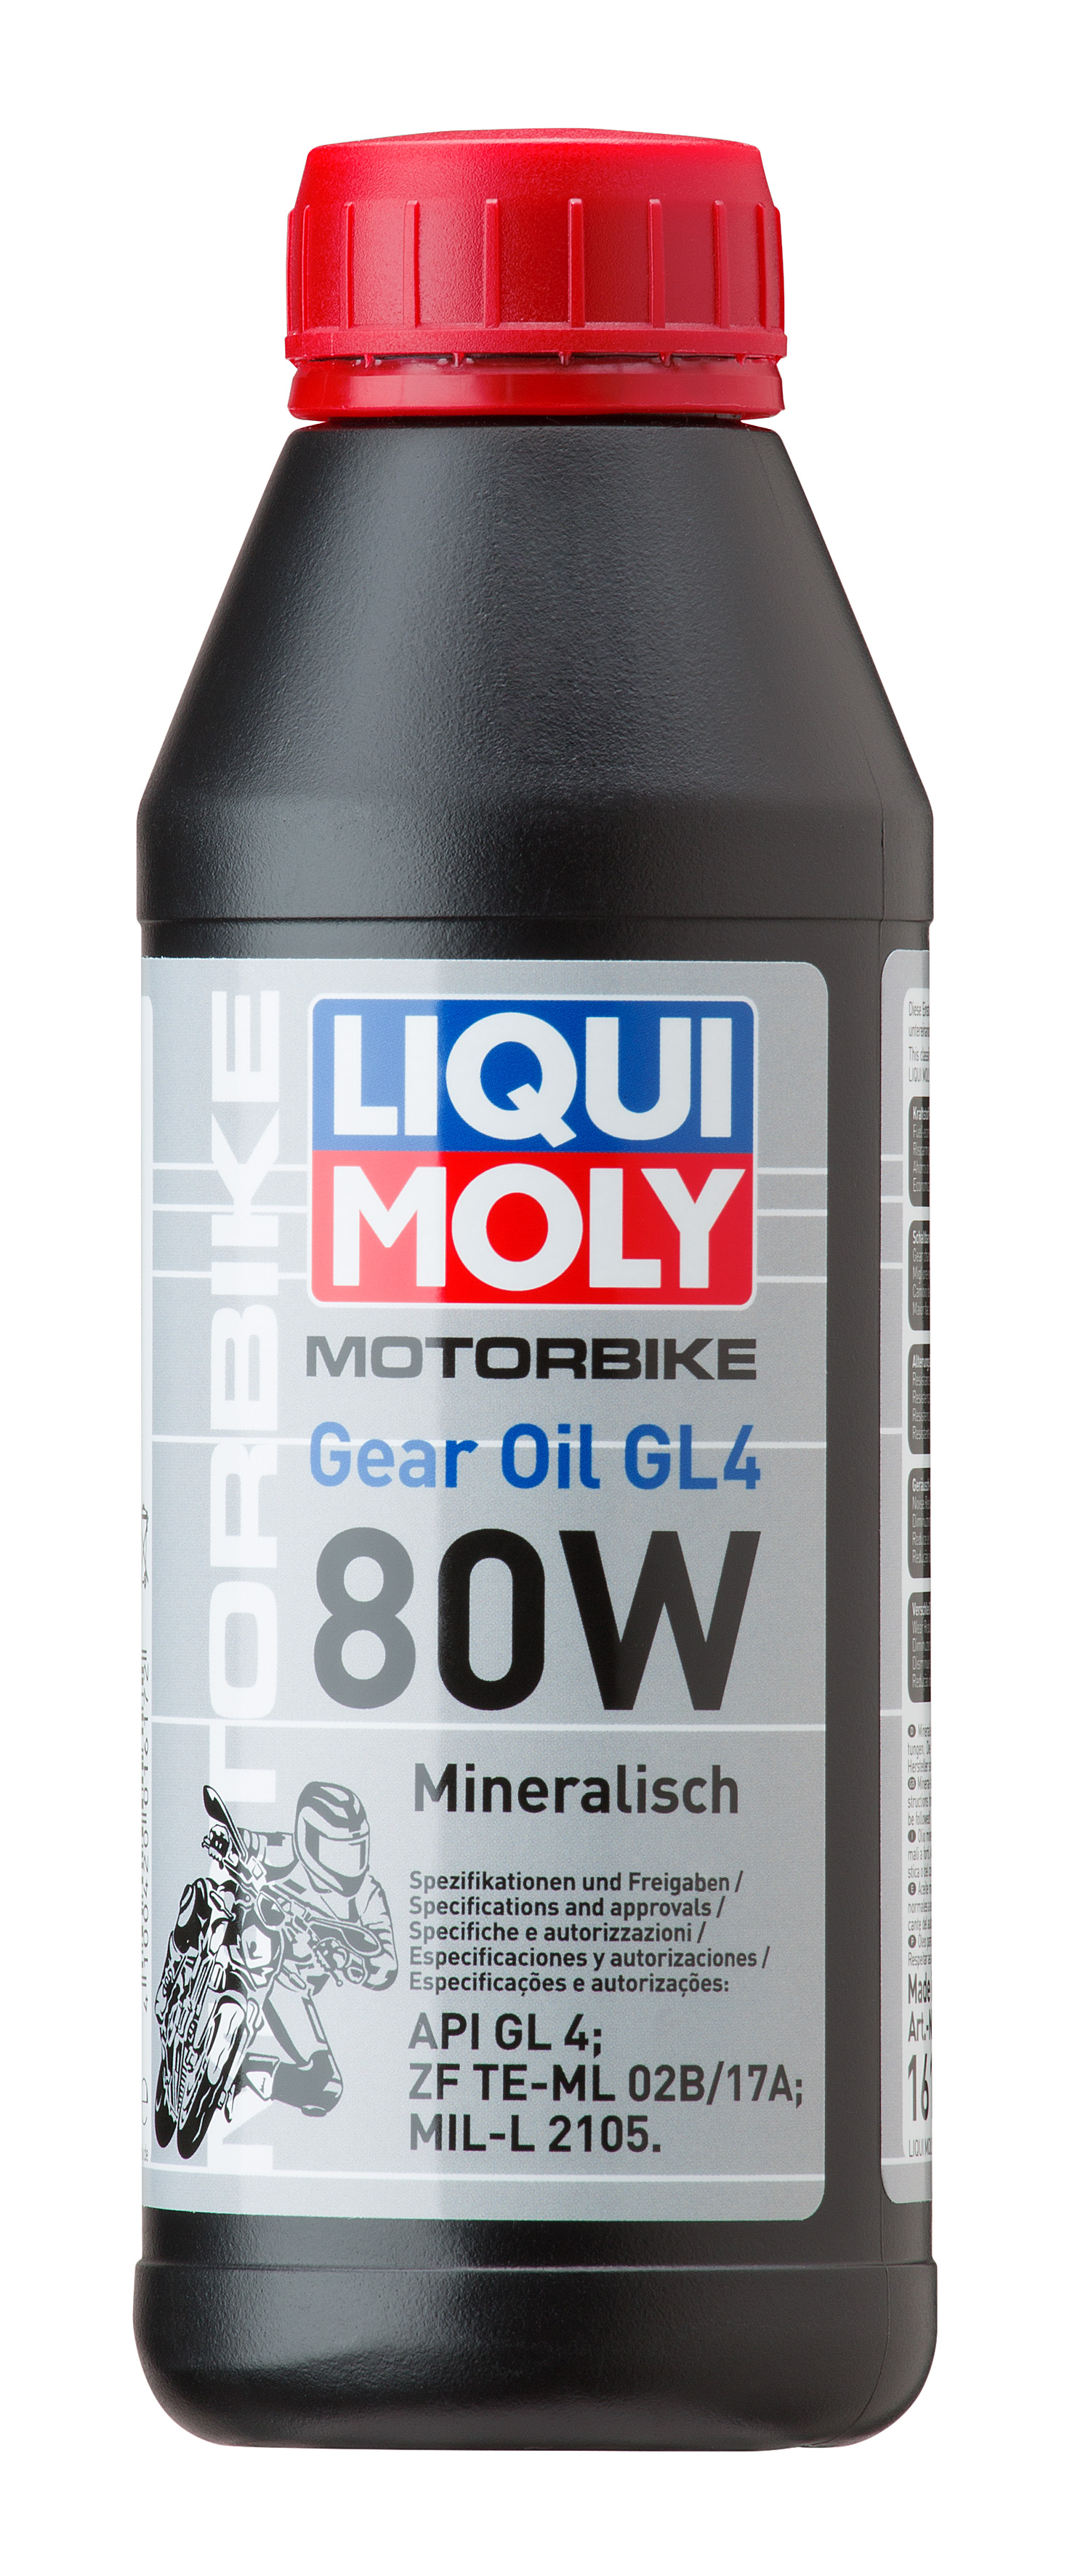 Минеральное трансмиссионное масло для мотоциклов Motorbike Gear Oil 80W